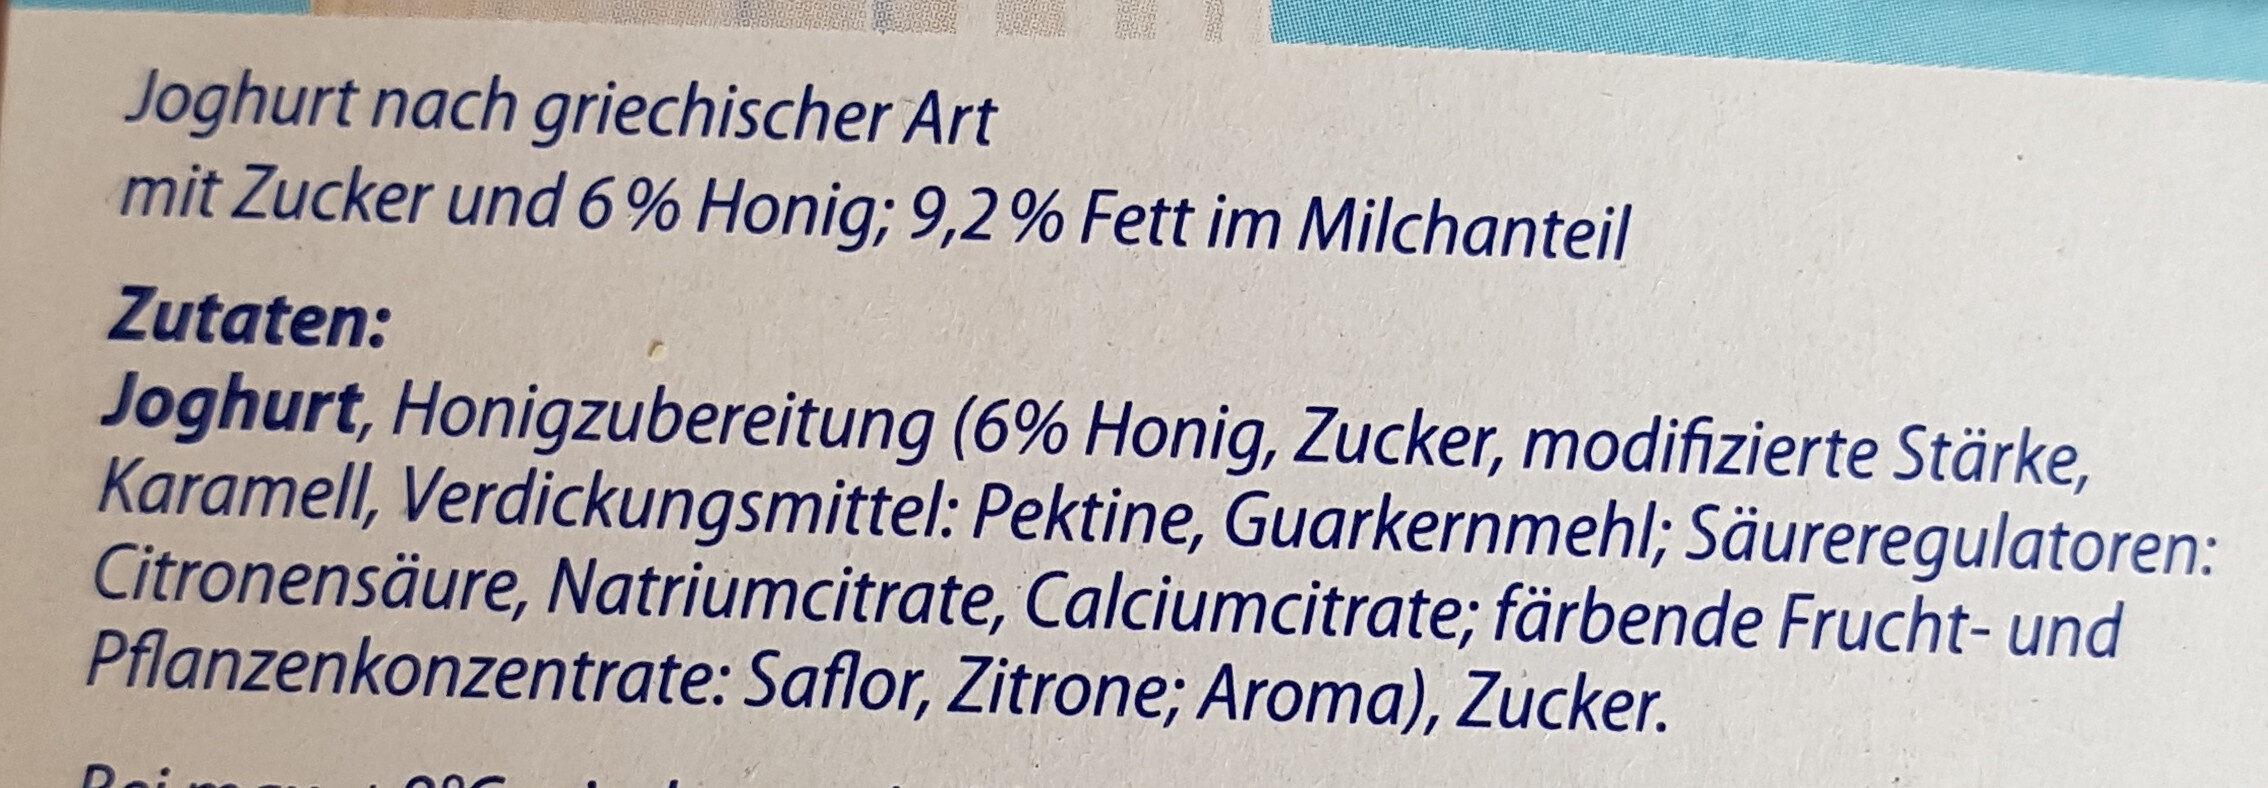 Joghurt Nach Griechischer Art - Zutaten - de